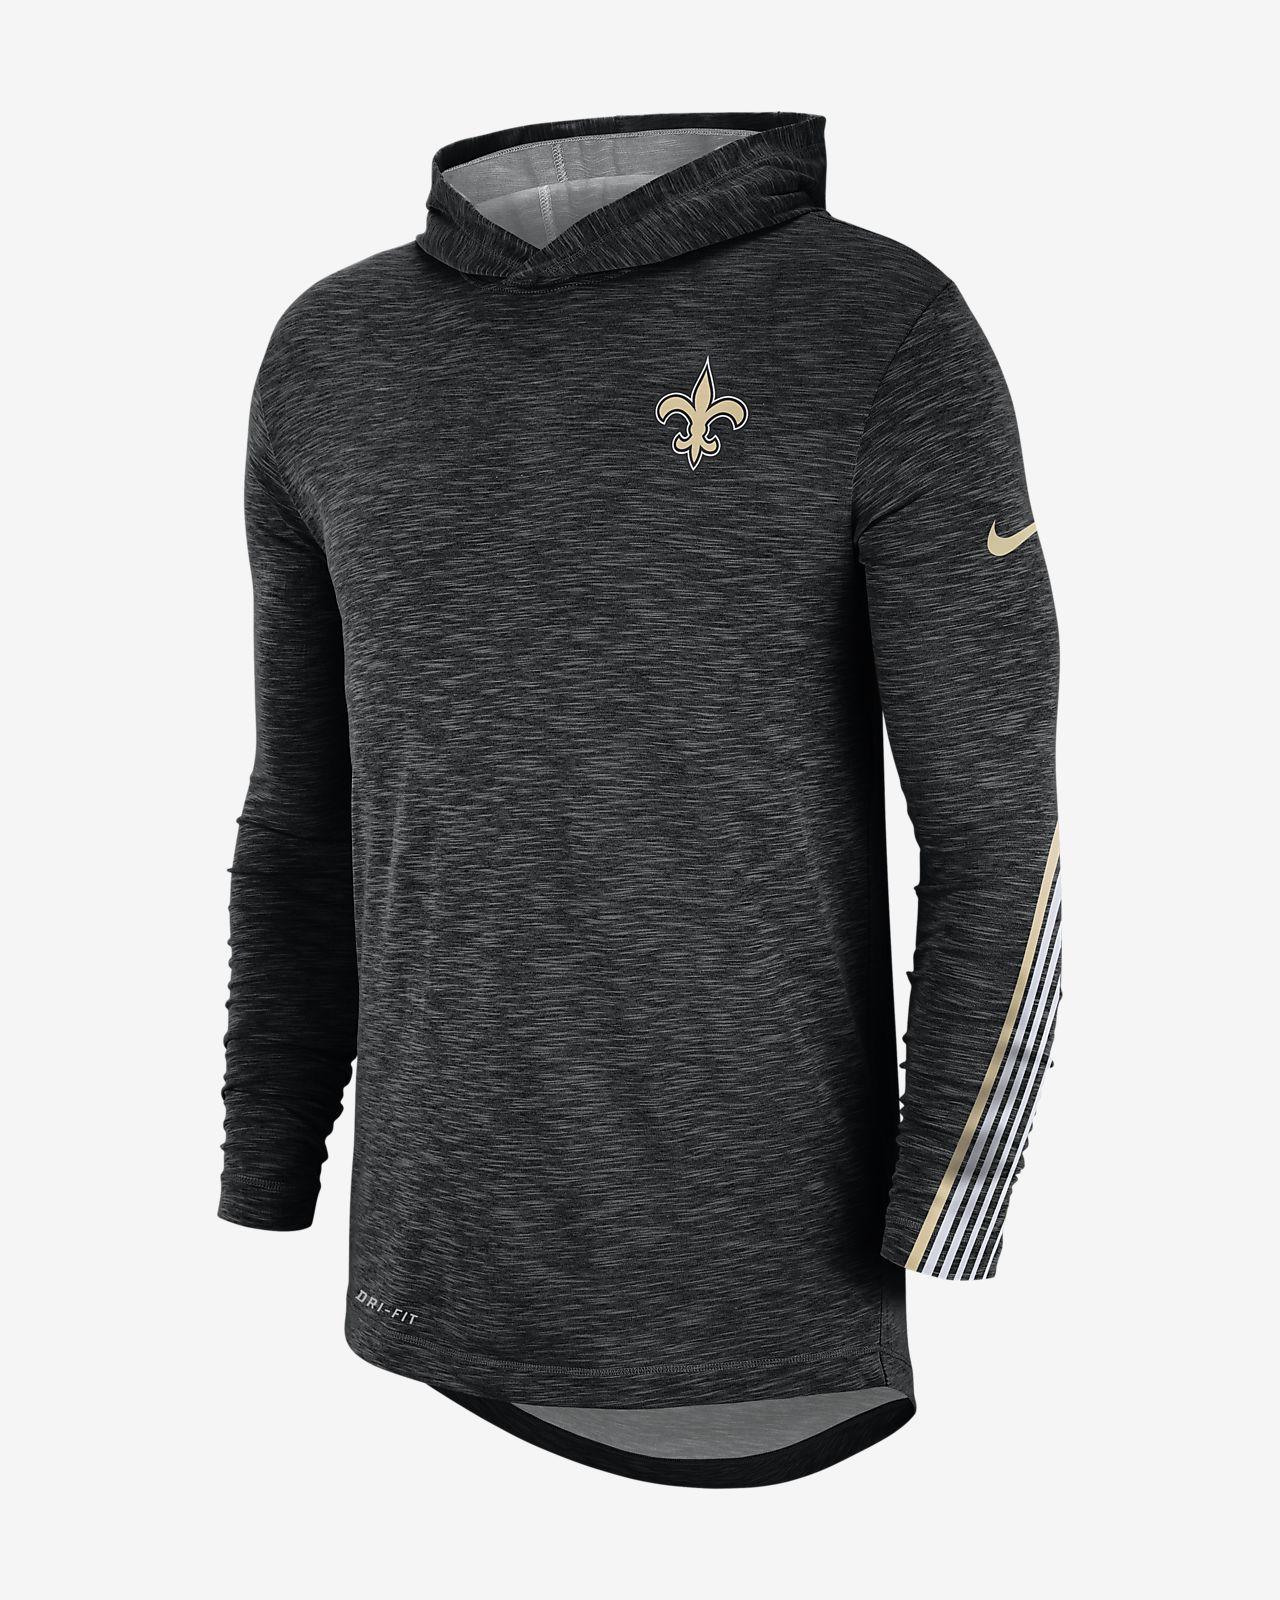 the best attitude efdba 1ad9f Nike Dri-FIT (NFL Saints) Men's Hoodie